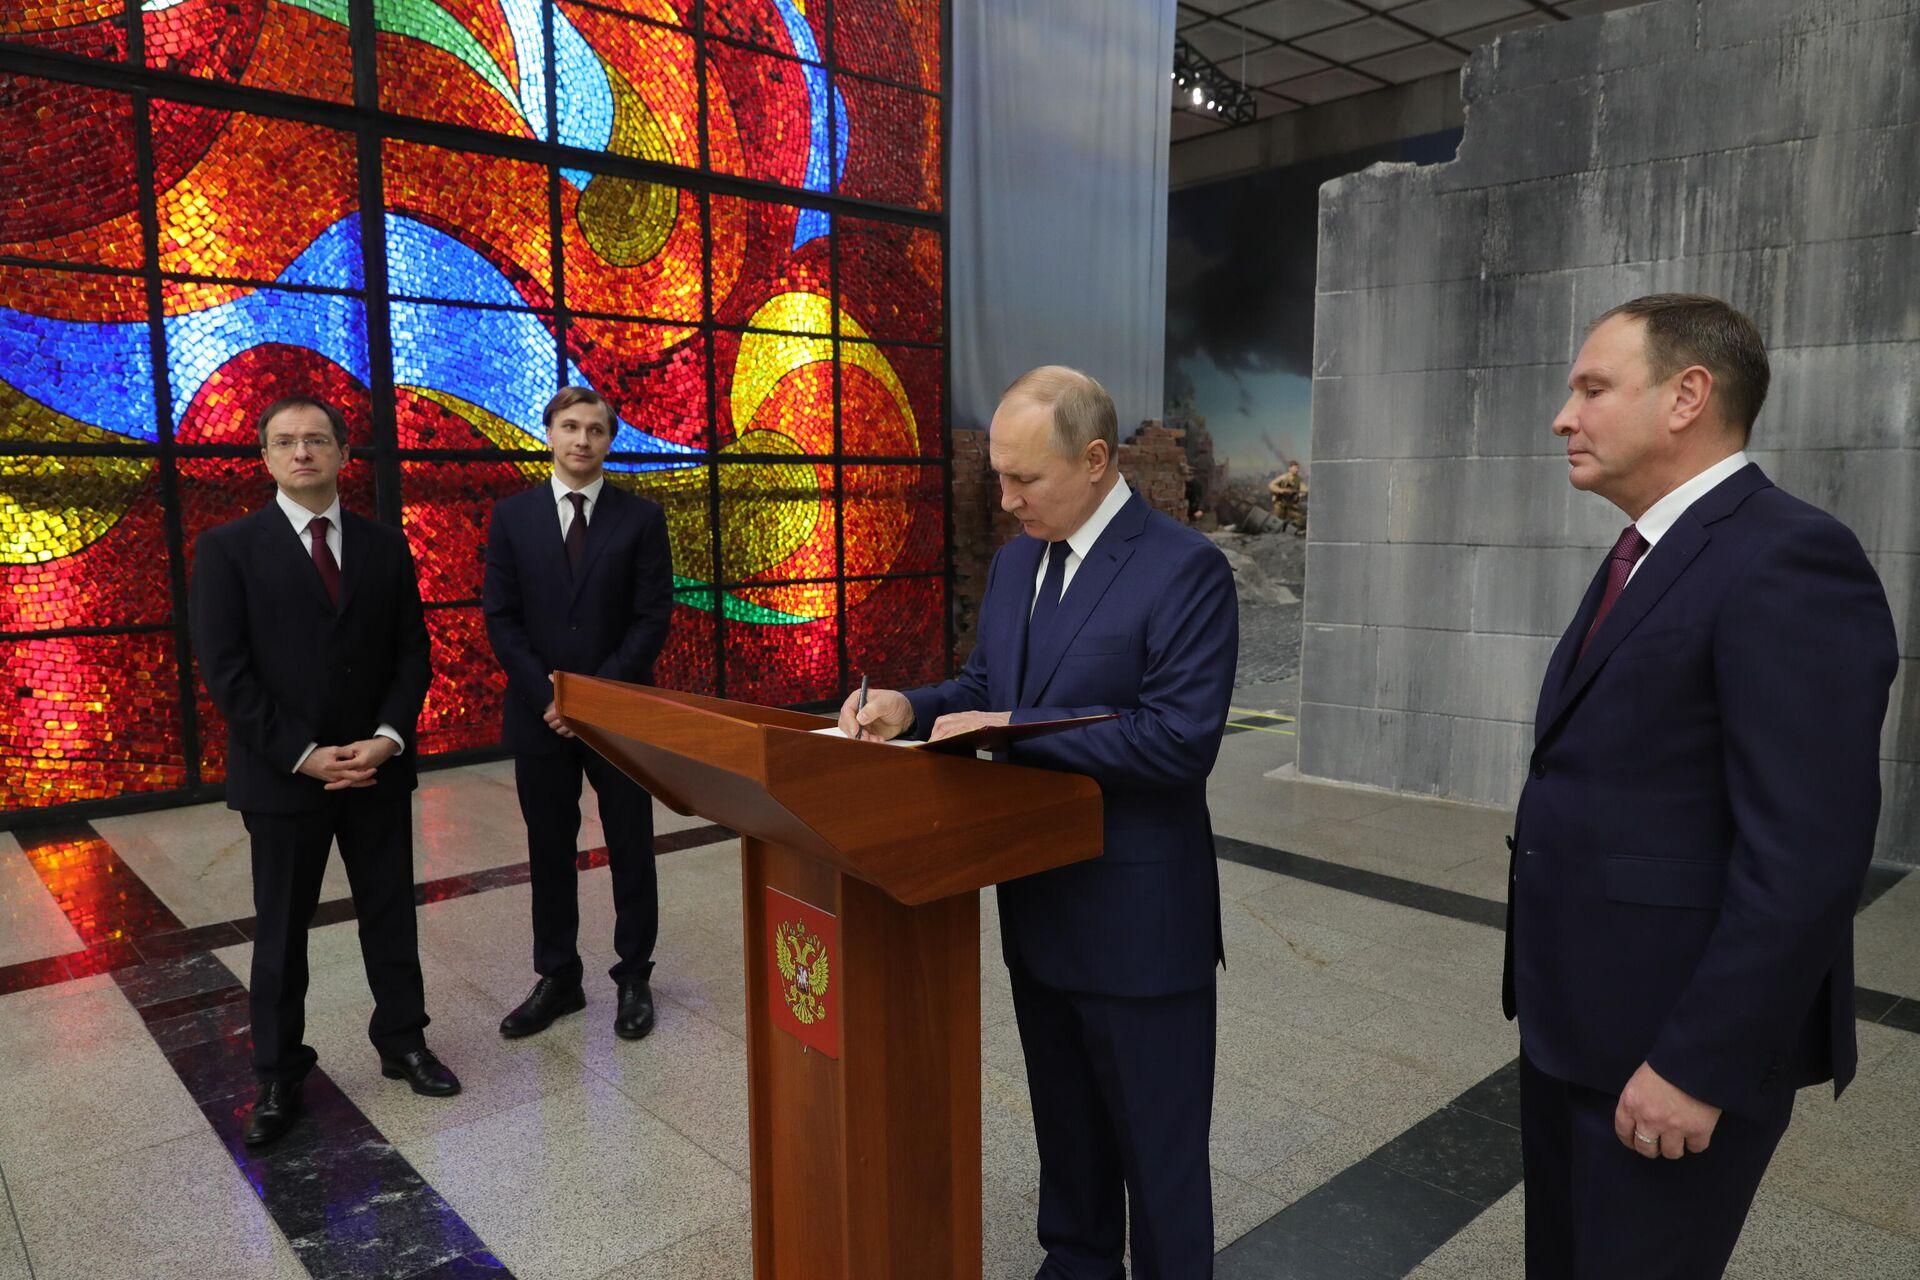 Президент РФ В. Путин посетил Музей Победы на Поклонной горе - РИА Новости, 1920, 27.01.2021